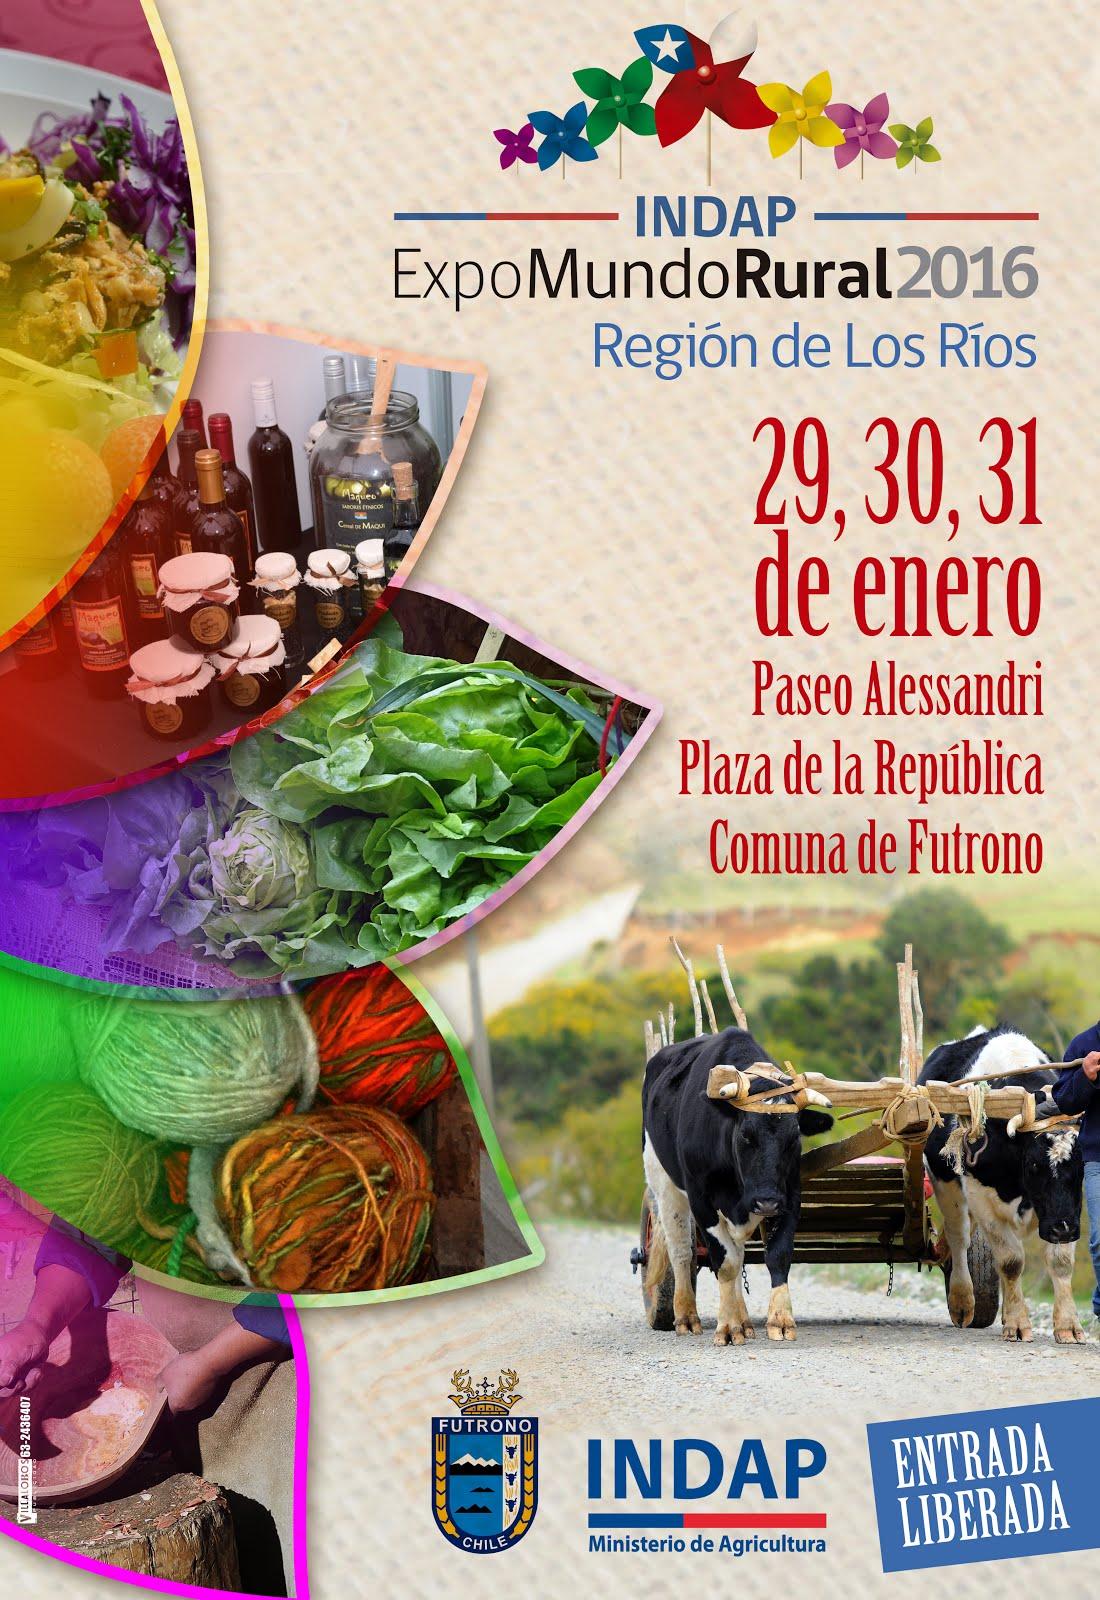 ExpoMundoRural2016